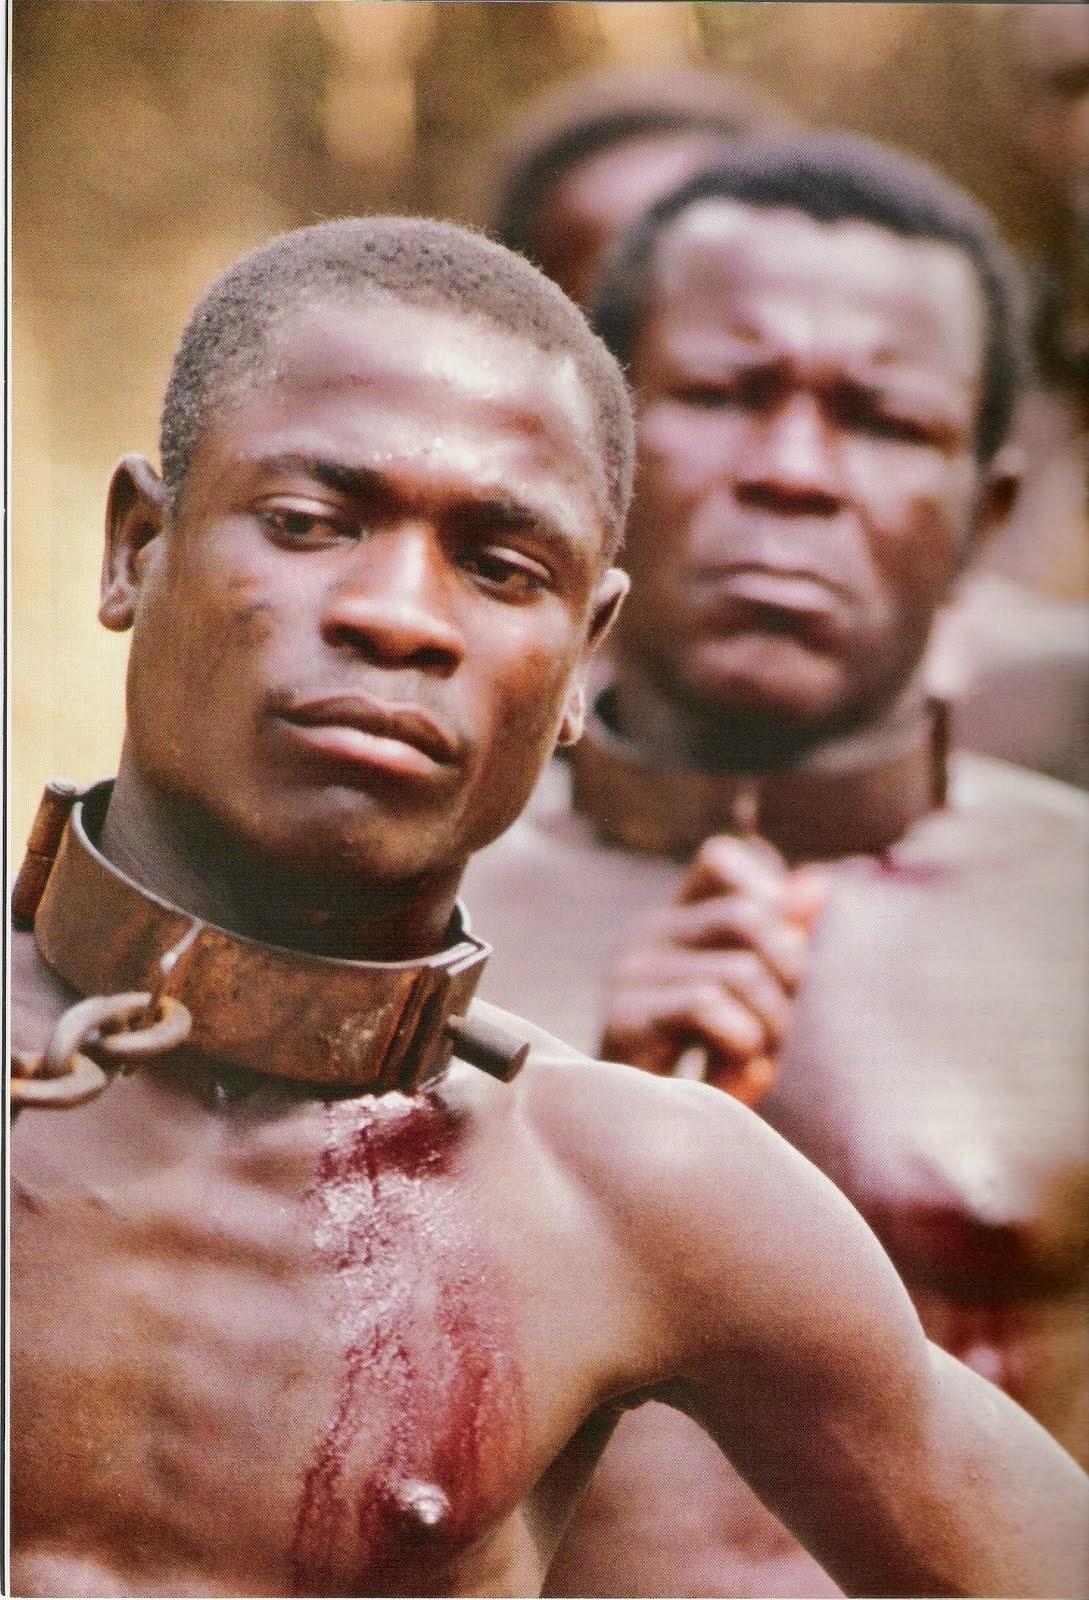 7 punições inaceitáveis que já foram usadas com escravos